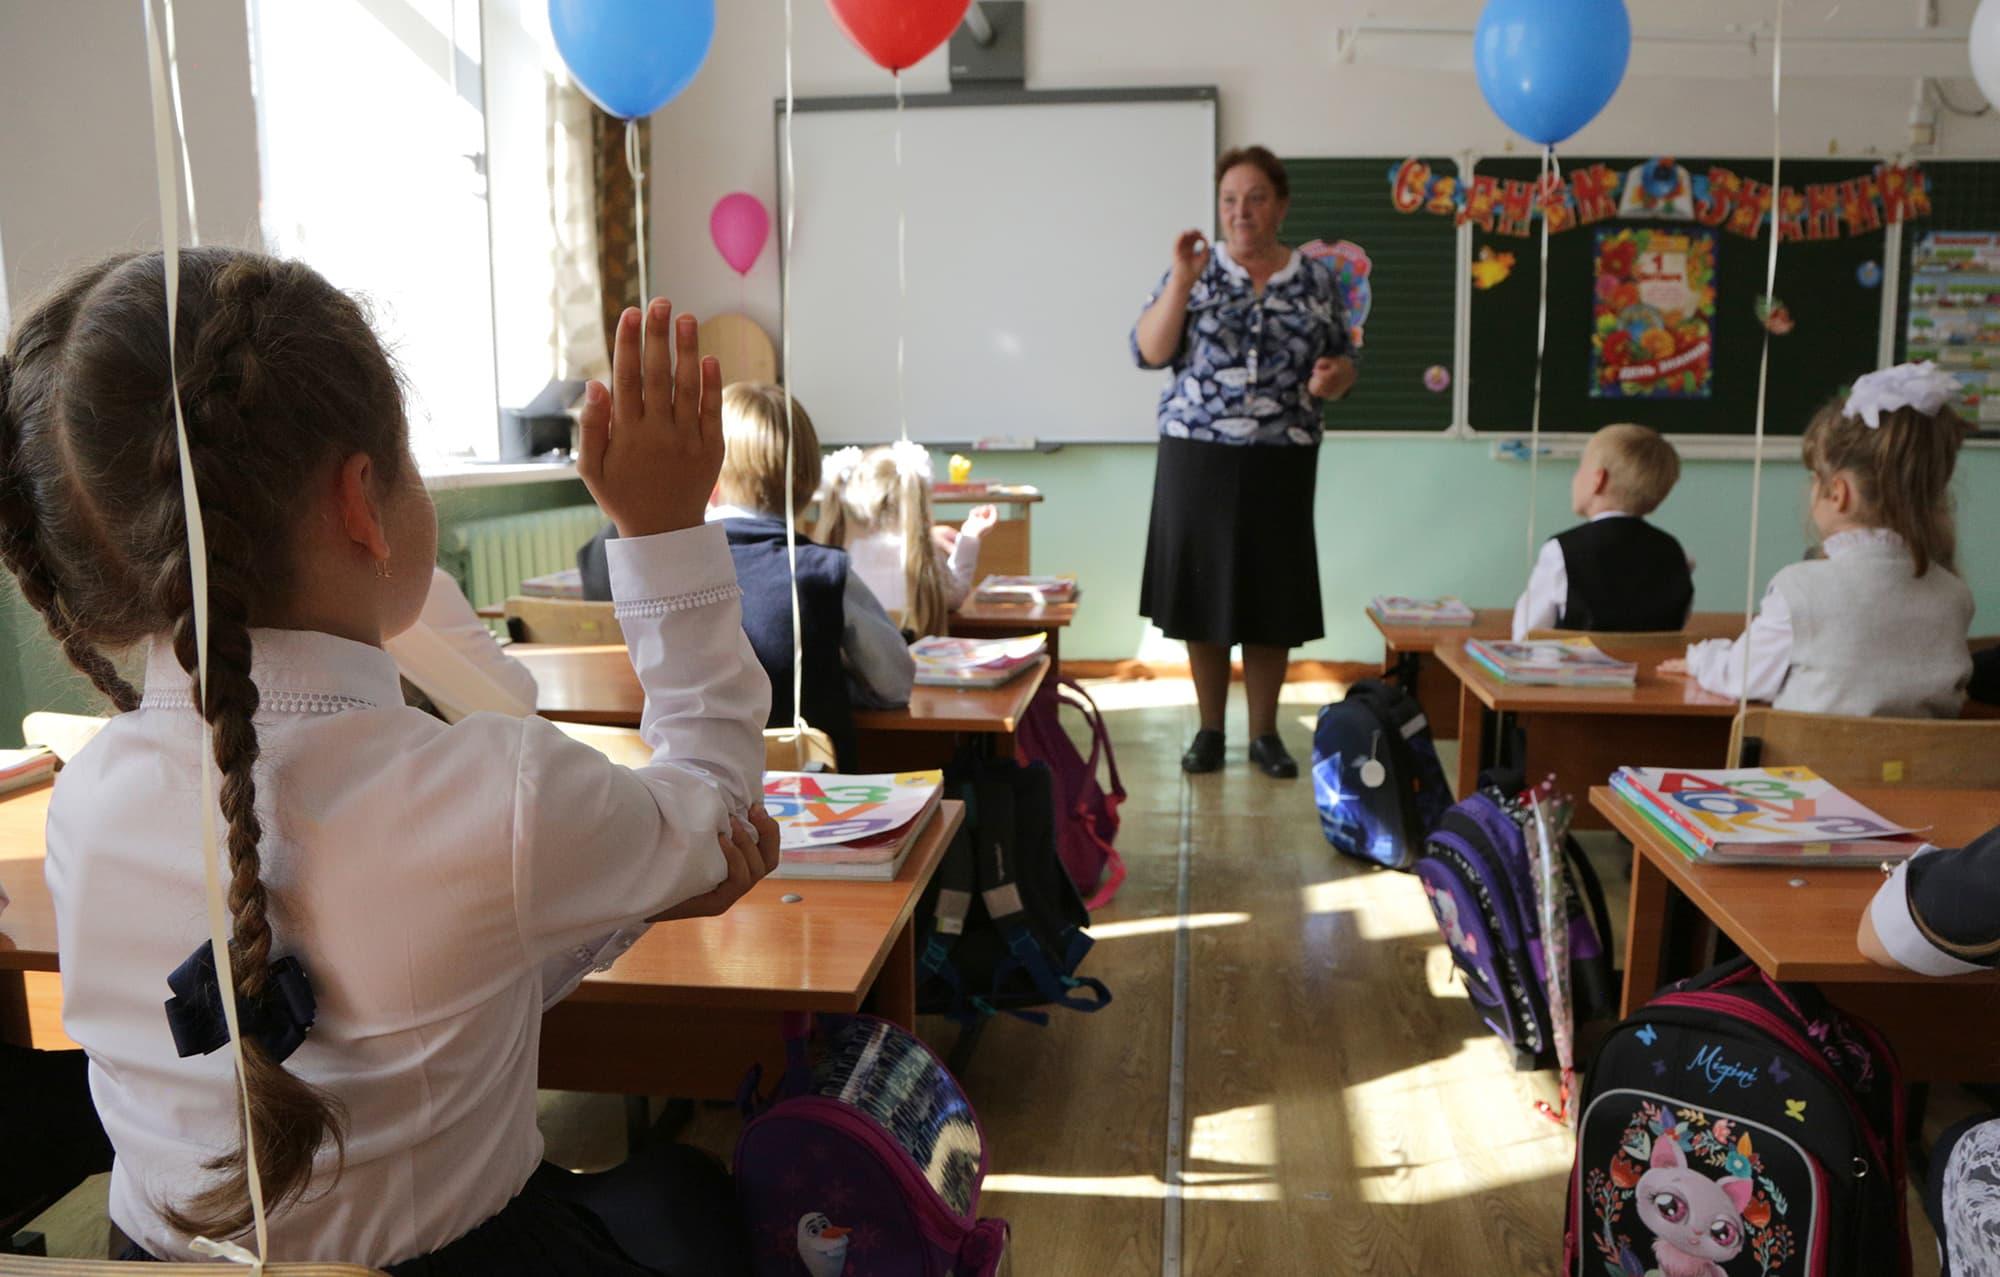 Ensimmäisen luokan oppilas viittoo venäläisessä luokkahuoneessa.